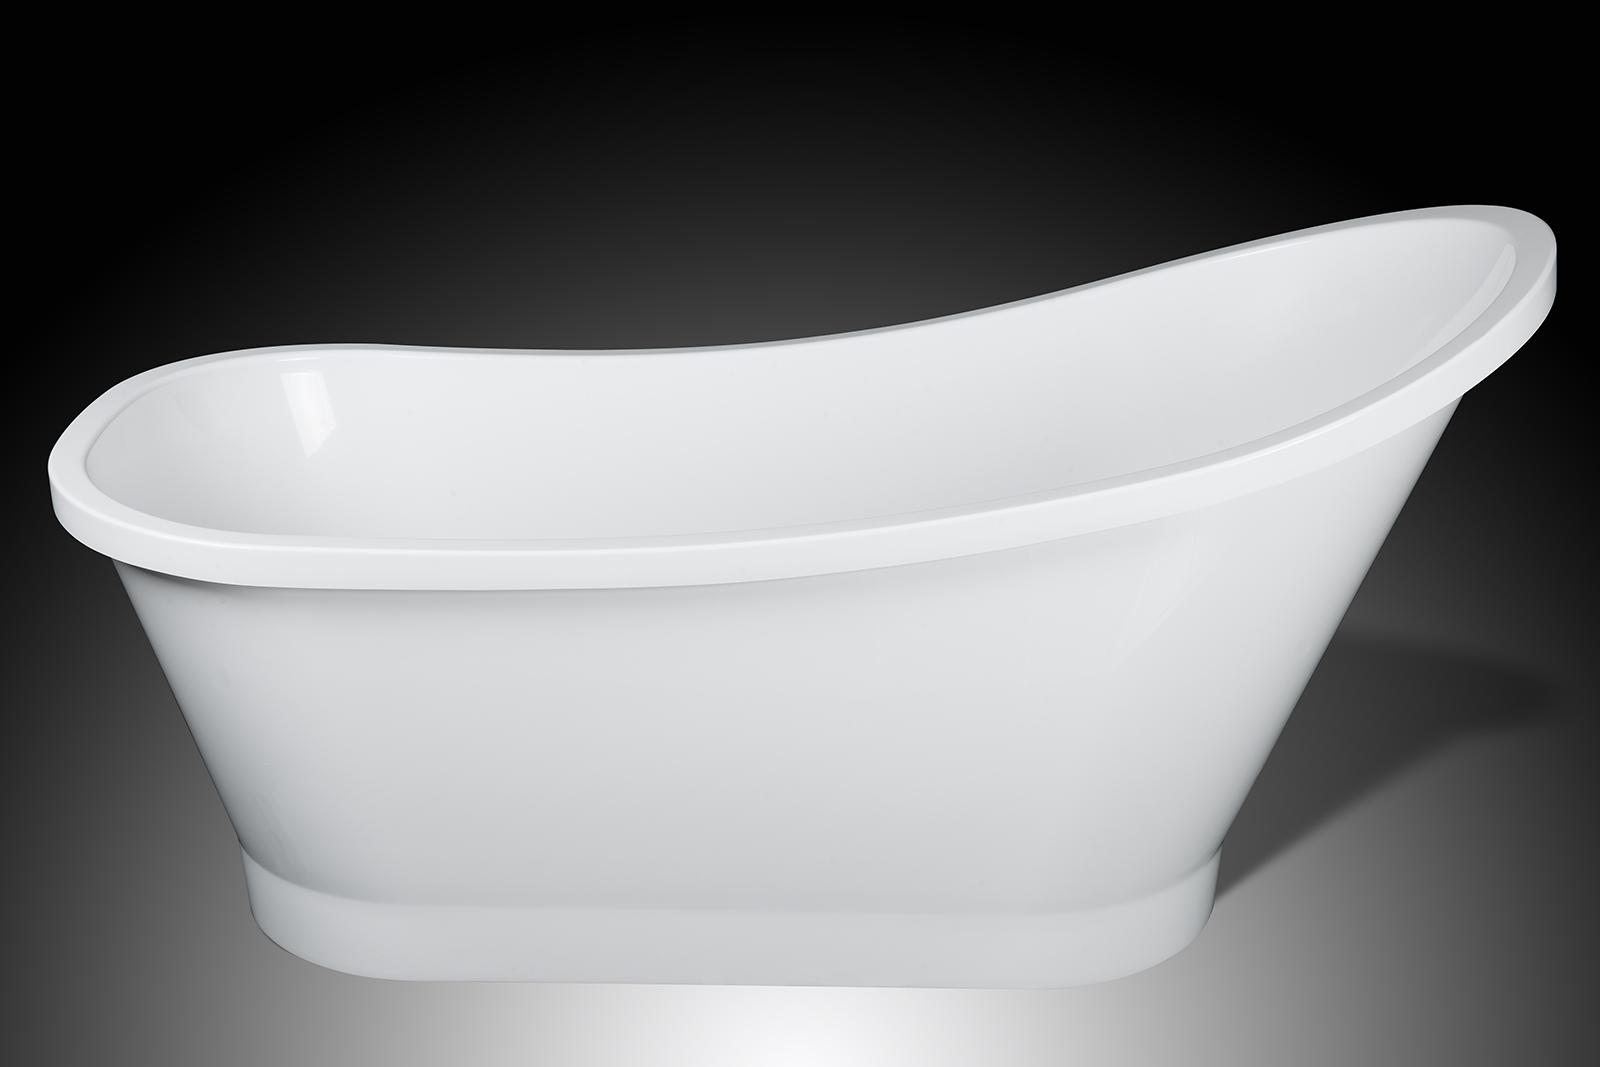 neue freistehende badewanne lili 10jahre garantie mineralguss kein china ebay. Black Bedroom Furniture Sets. Home Design Ideas